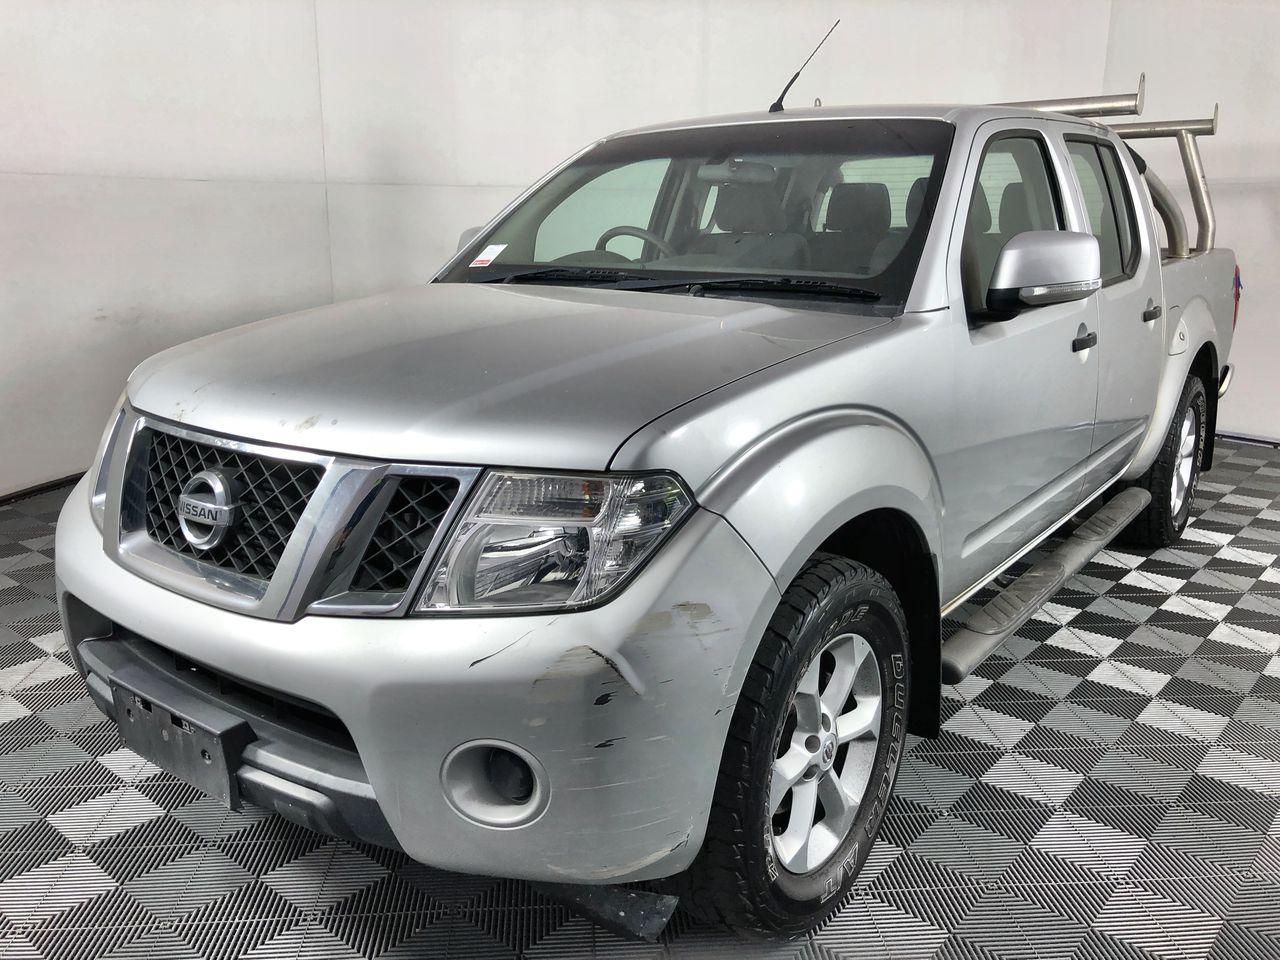 2012 Nissan Navara 4X4 ST D40 Turbo Diesel Automatic Dual Cab